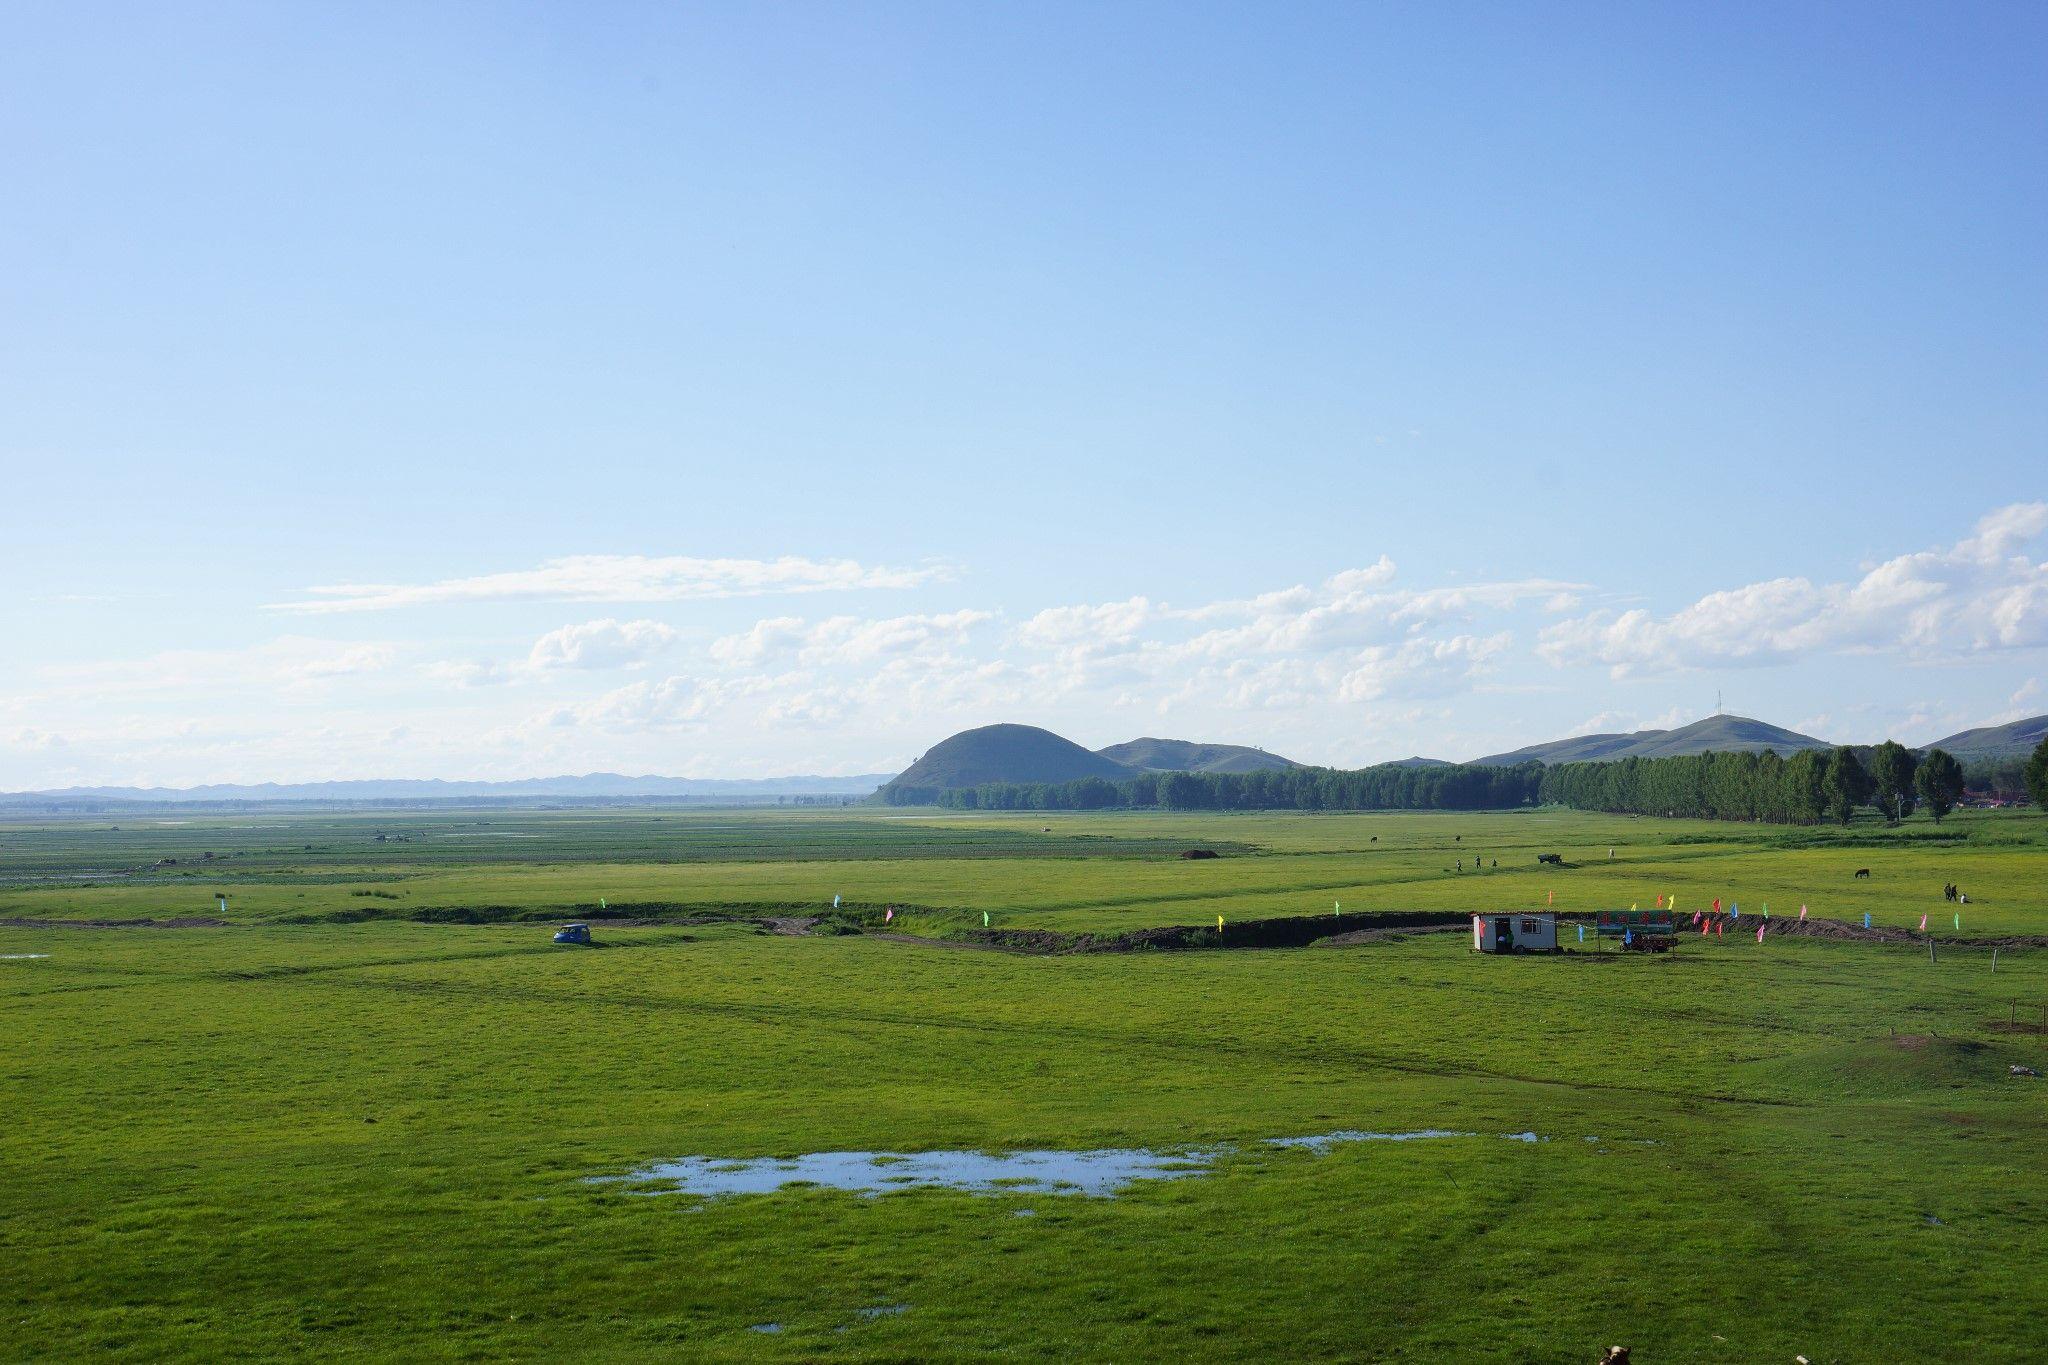 丰宁坝上之夏----绿色草原,美丽的远方